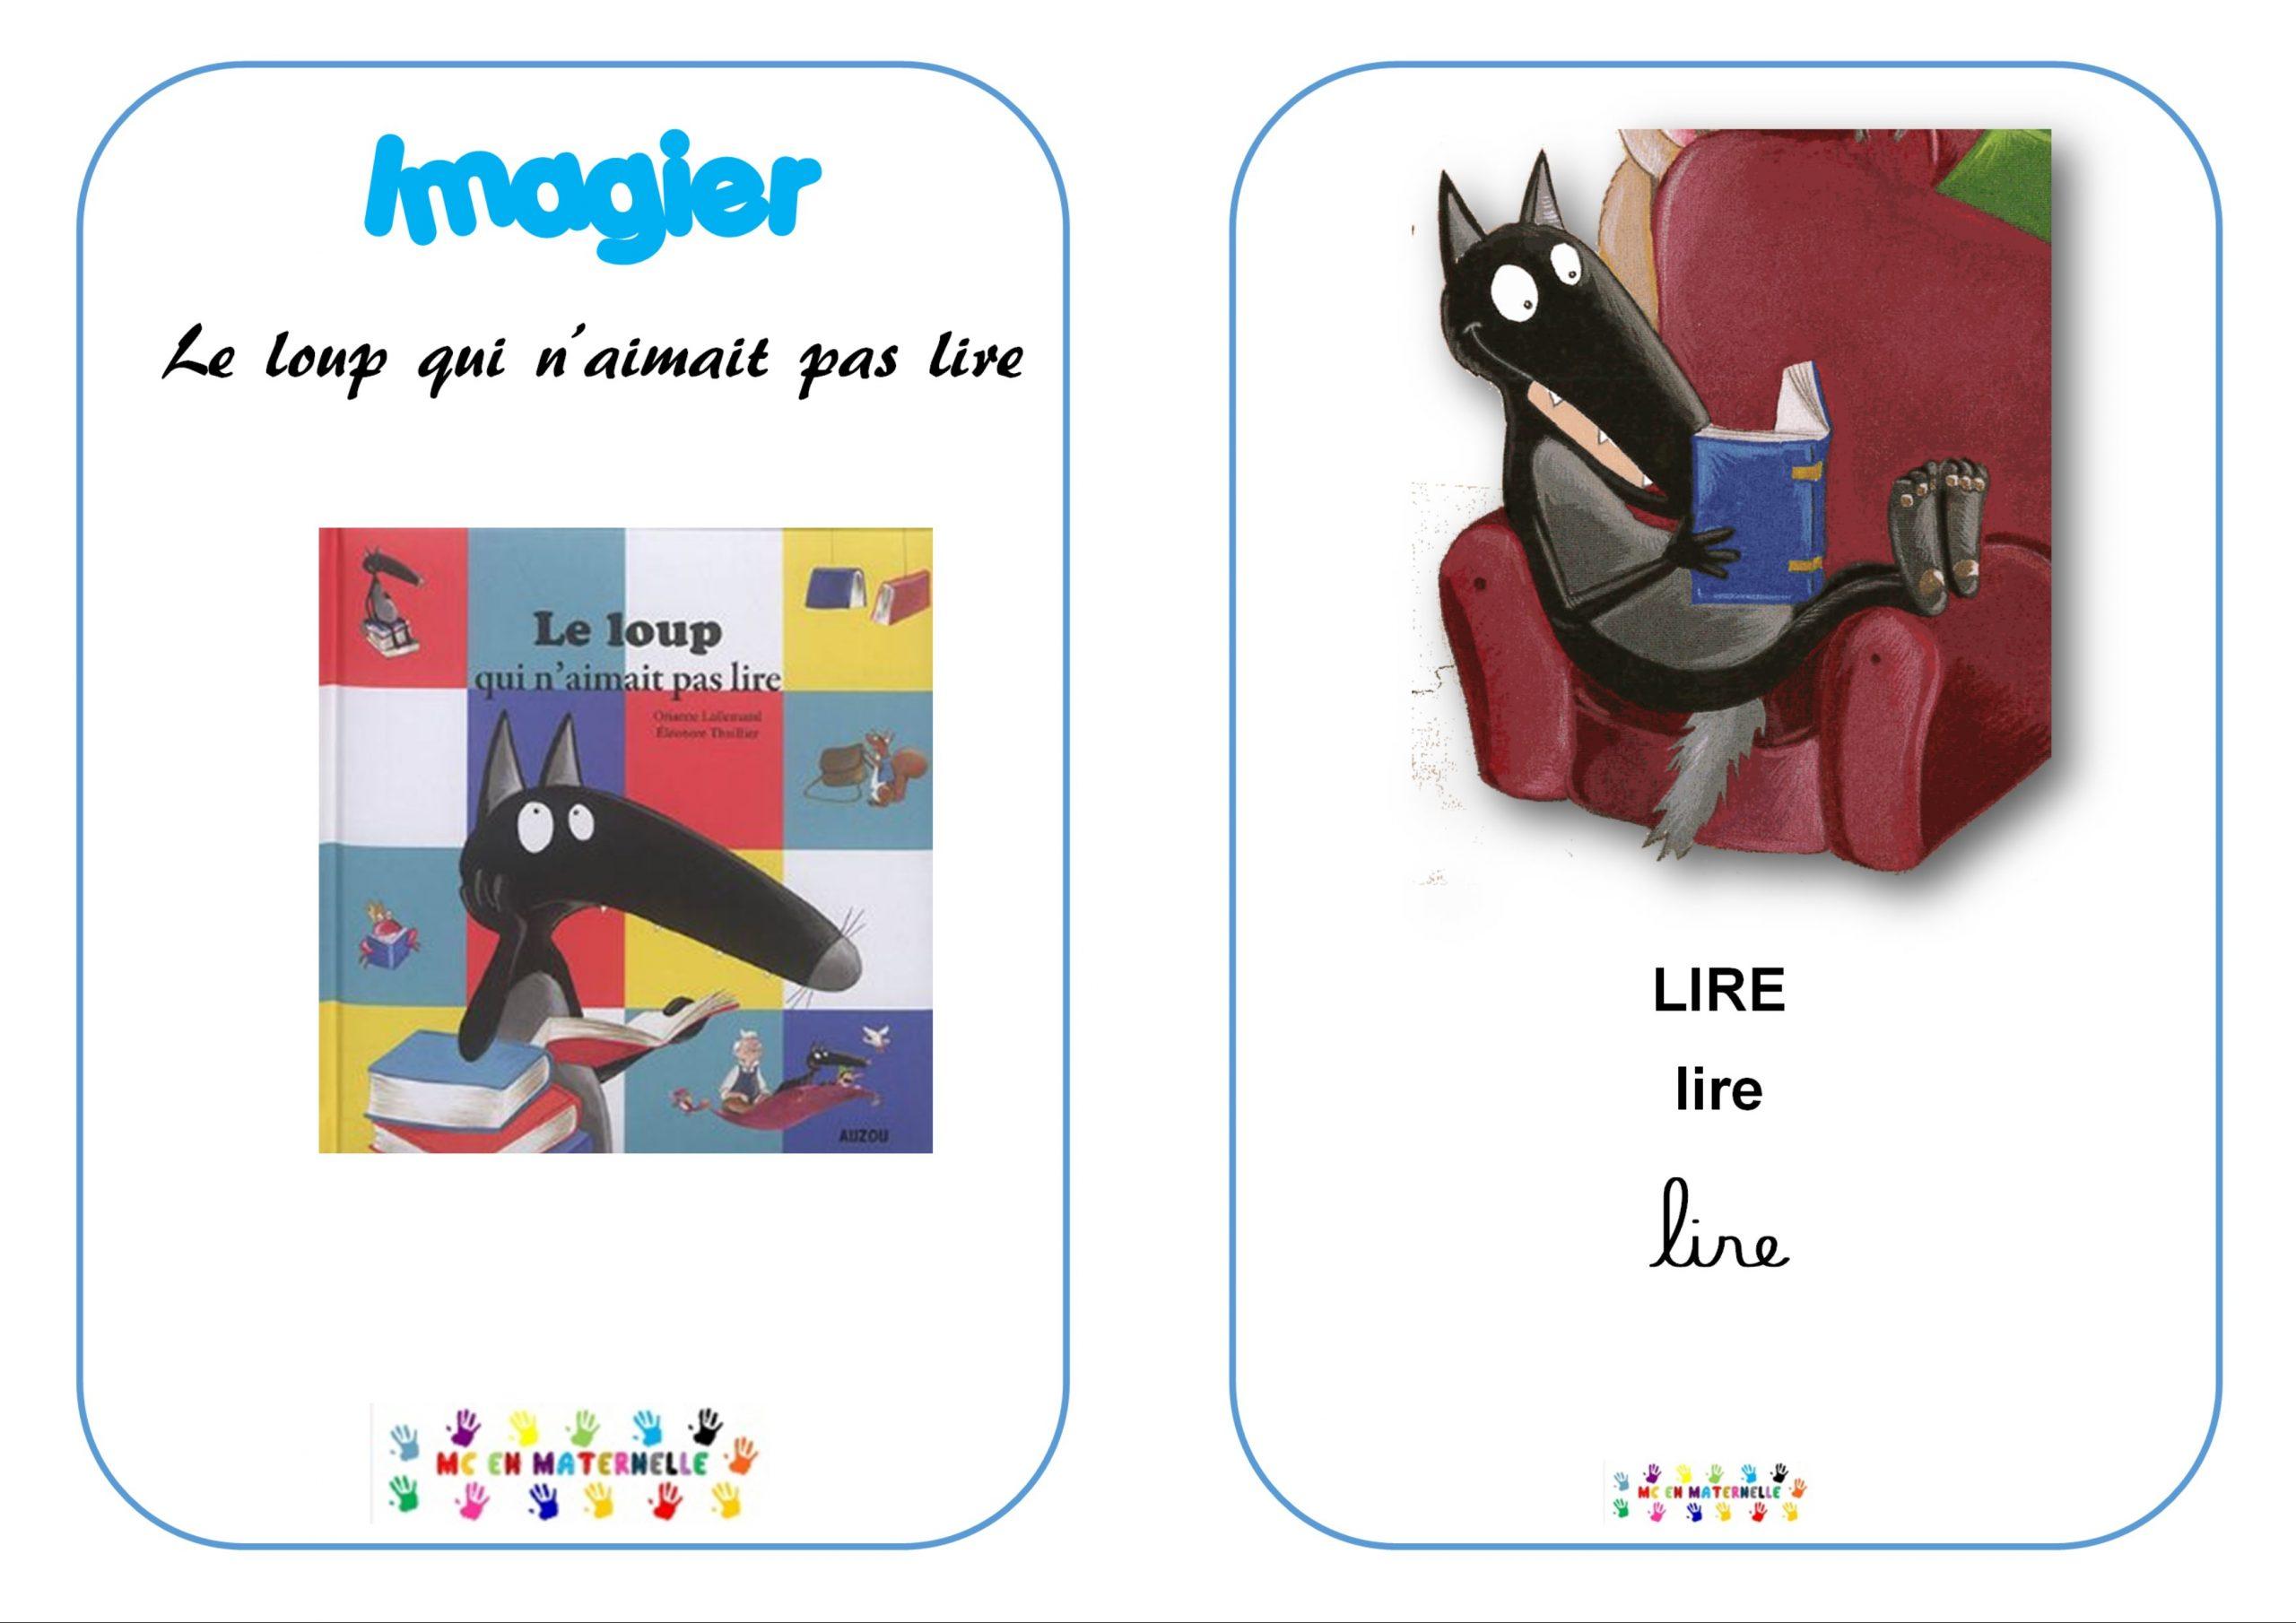 Le Loup Qui N'aimait Pas Lire : Imagier – Mc En Maternelle intérieur Imagier Noel Maternelle